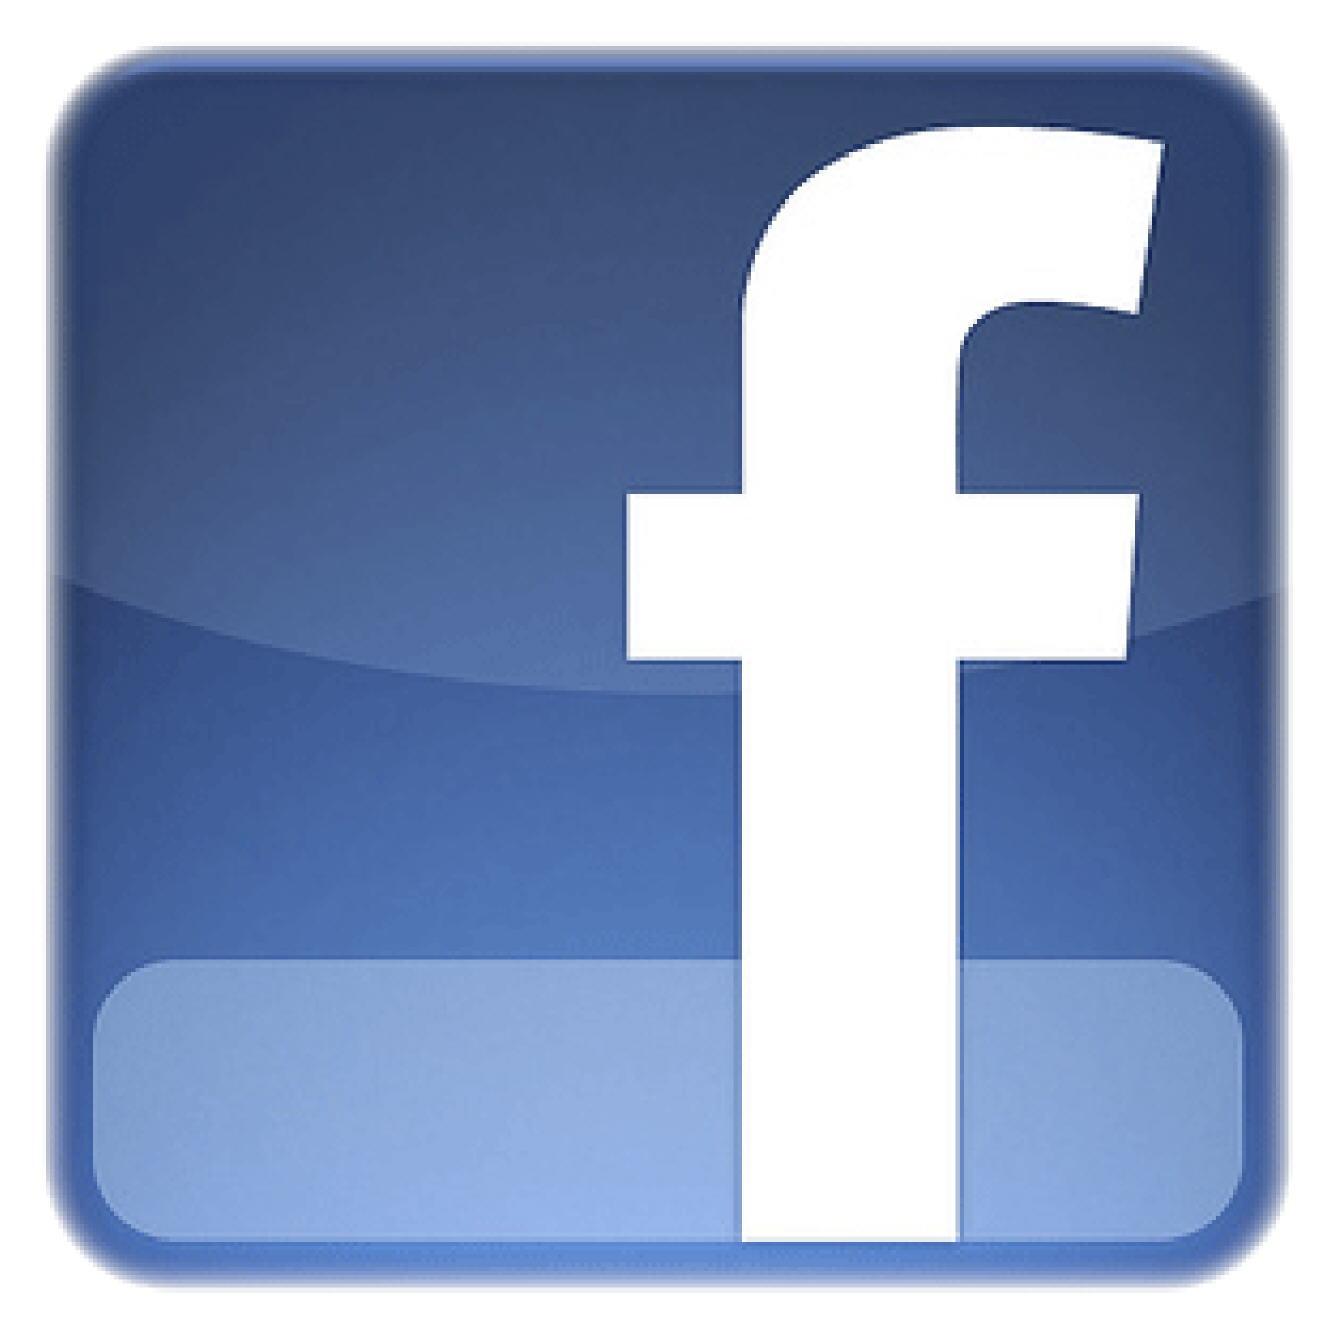 Besuchen Sie die RE/MAX Bayern Seite auf Facebook.